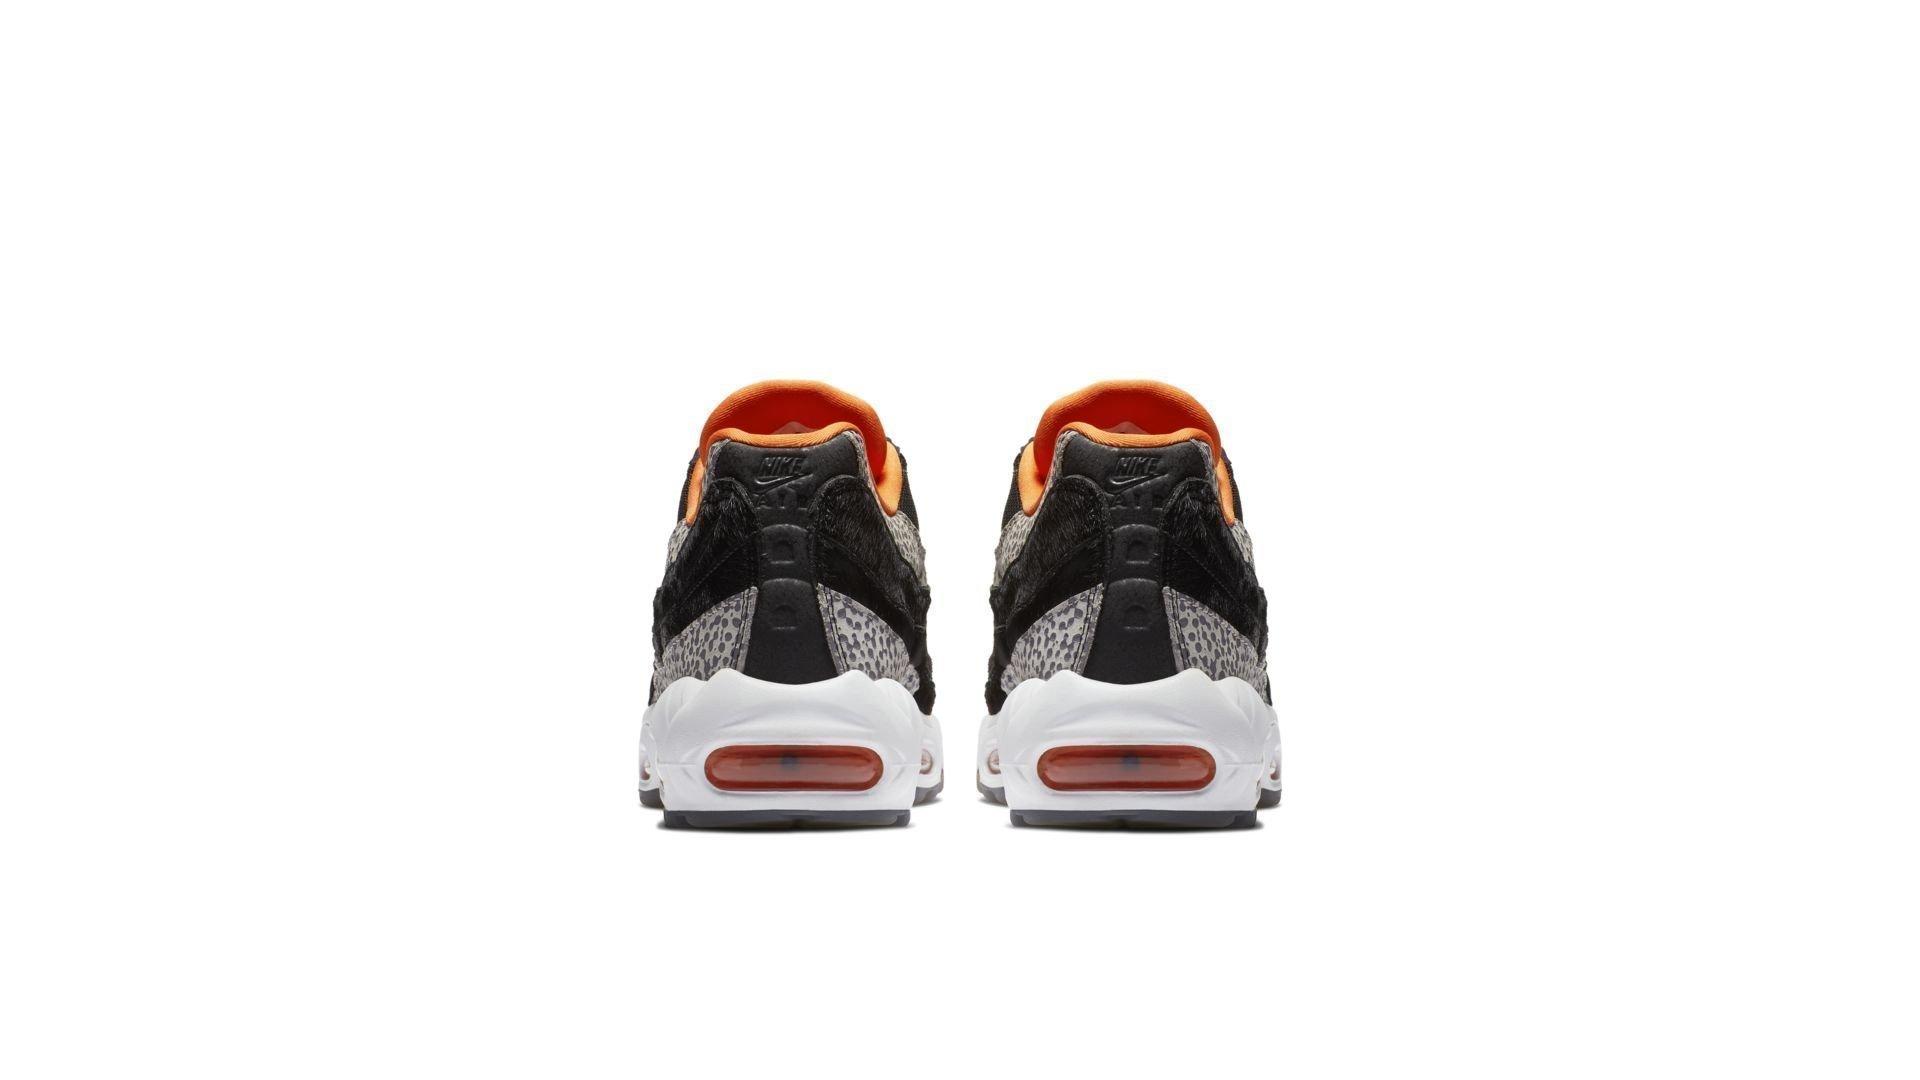 Nike Air Max 95 AV7014-002